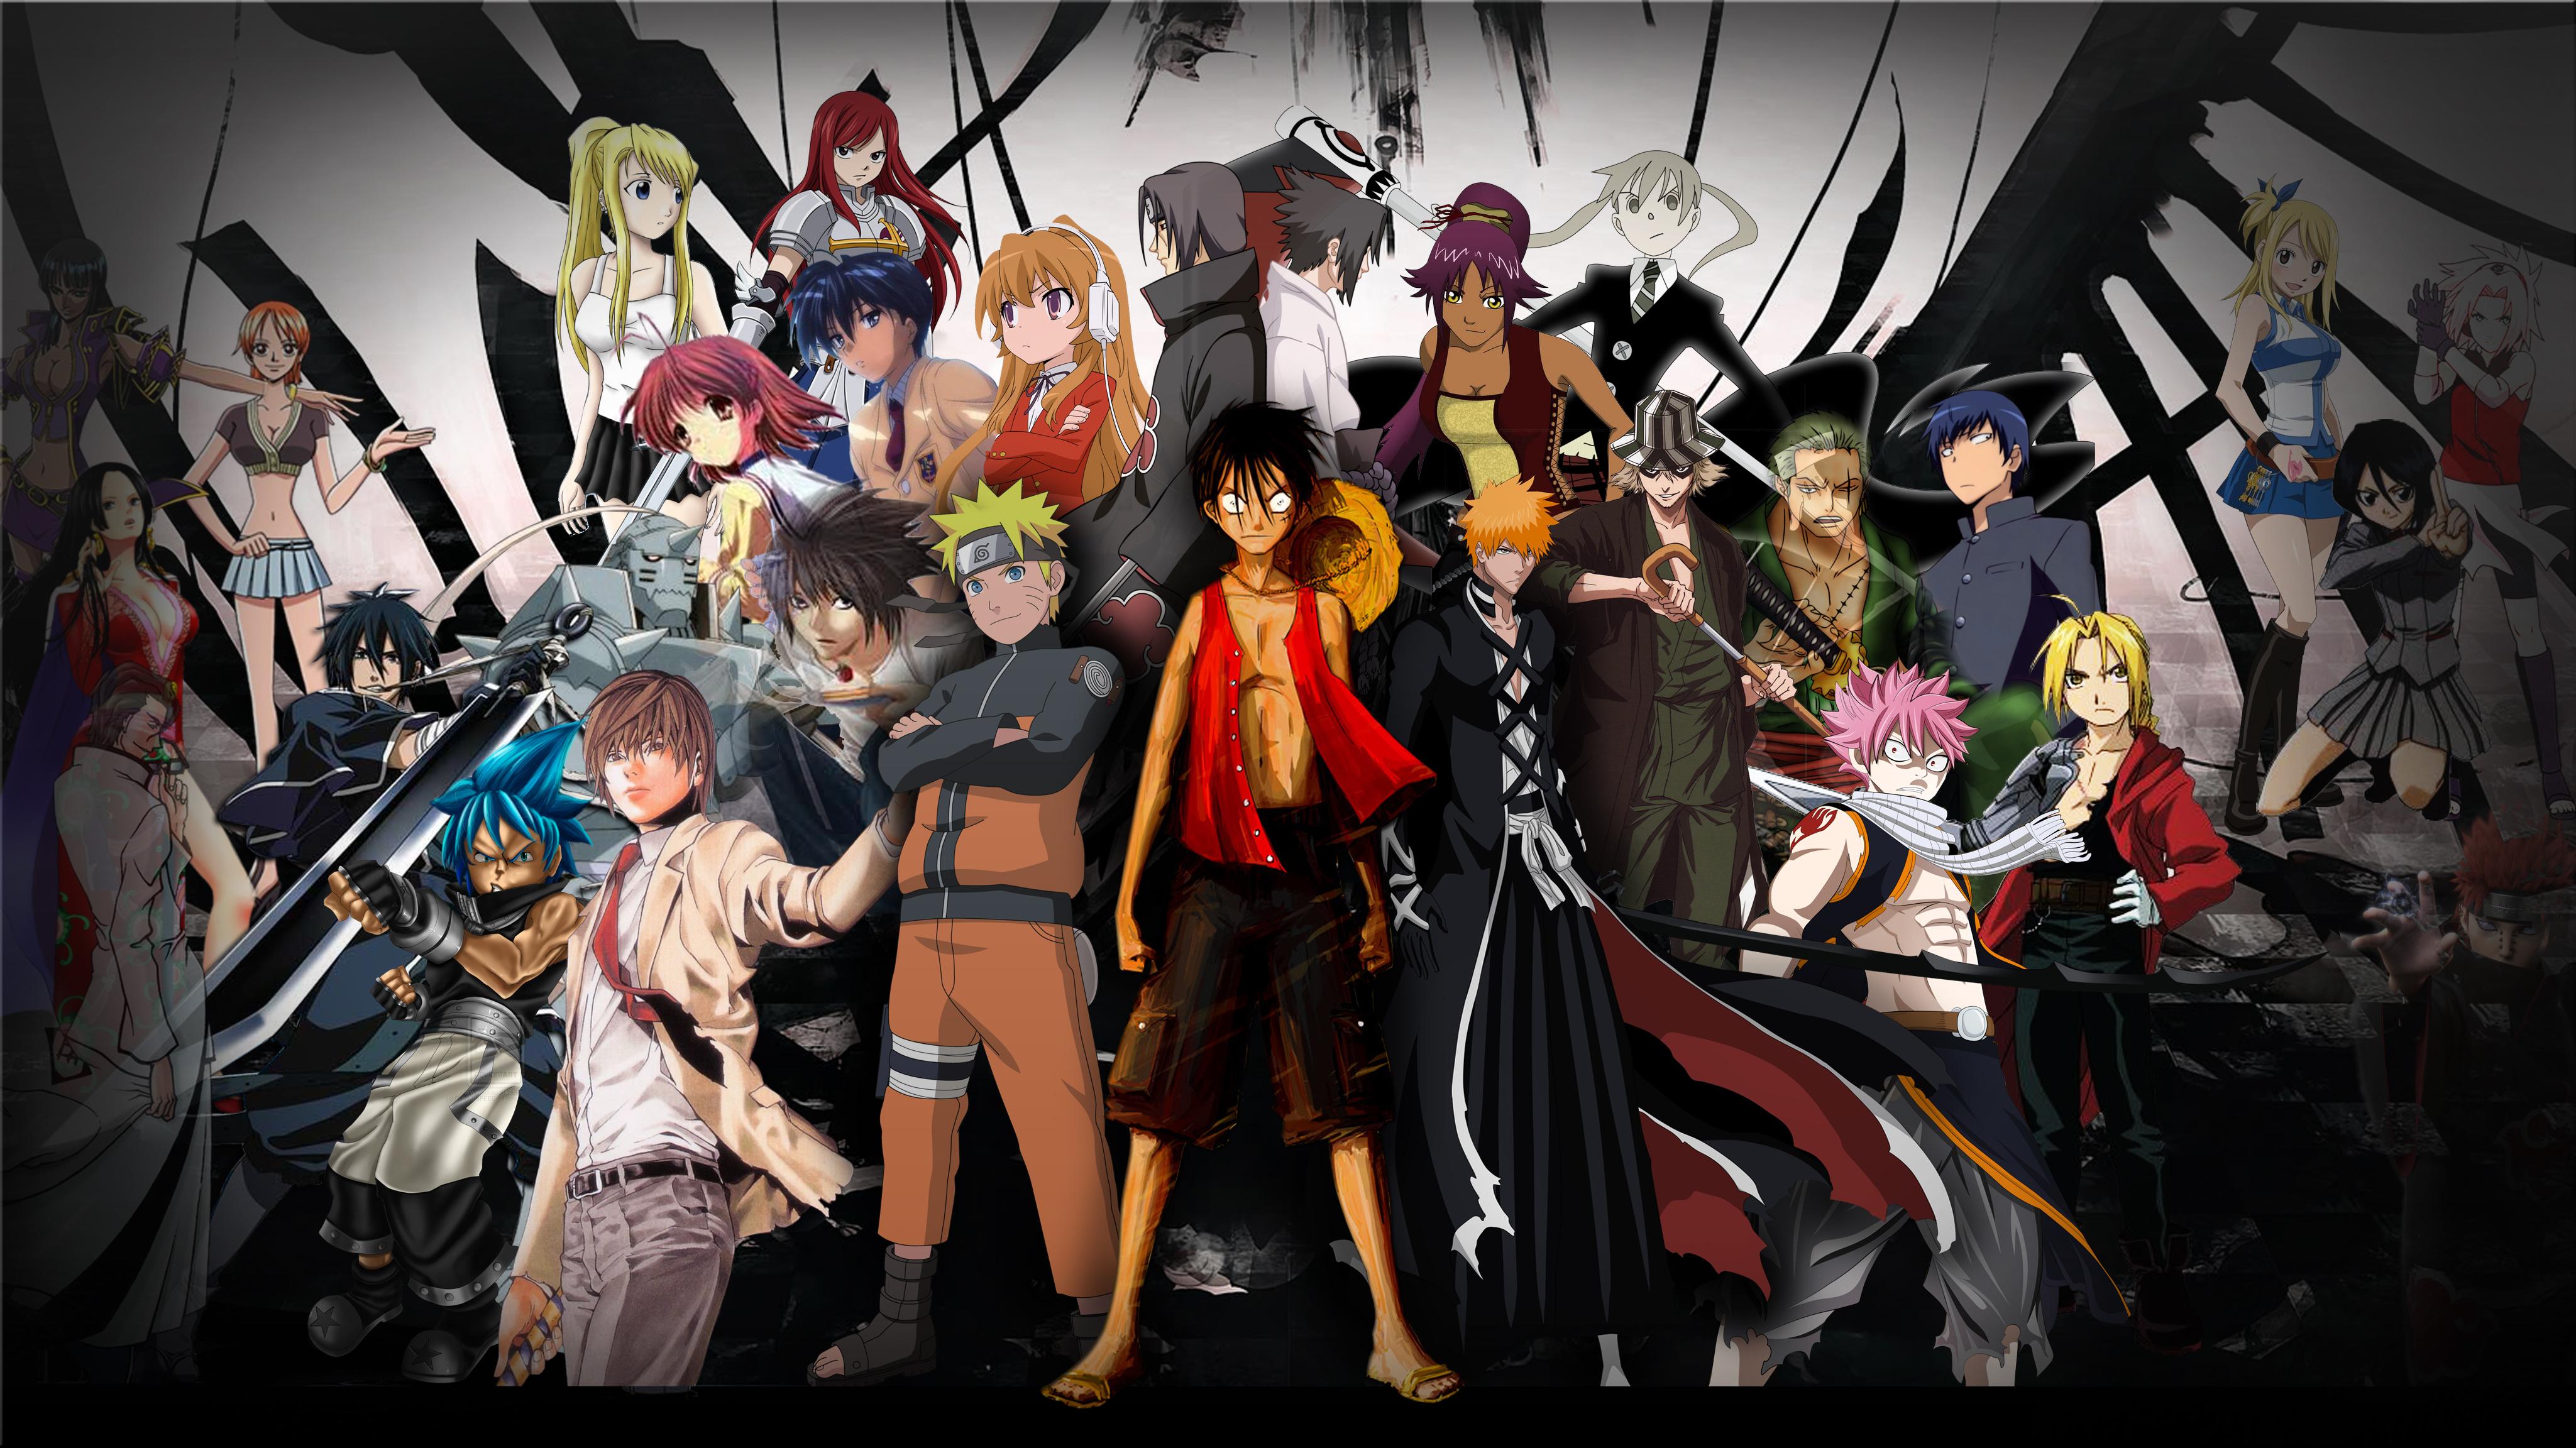 Anime all character wallpaper jpg